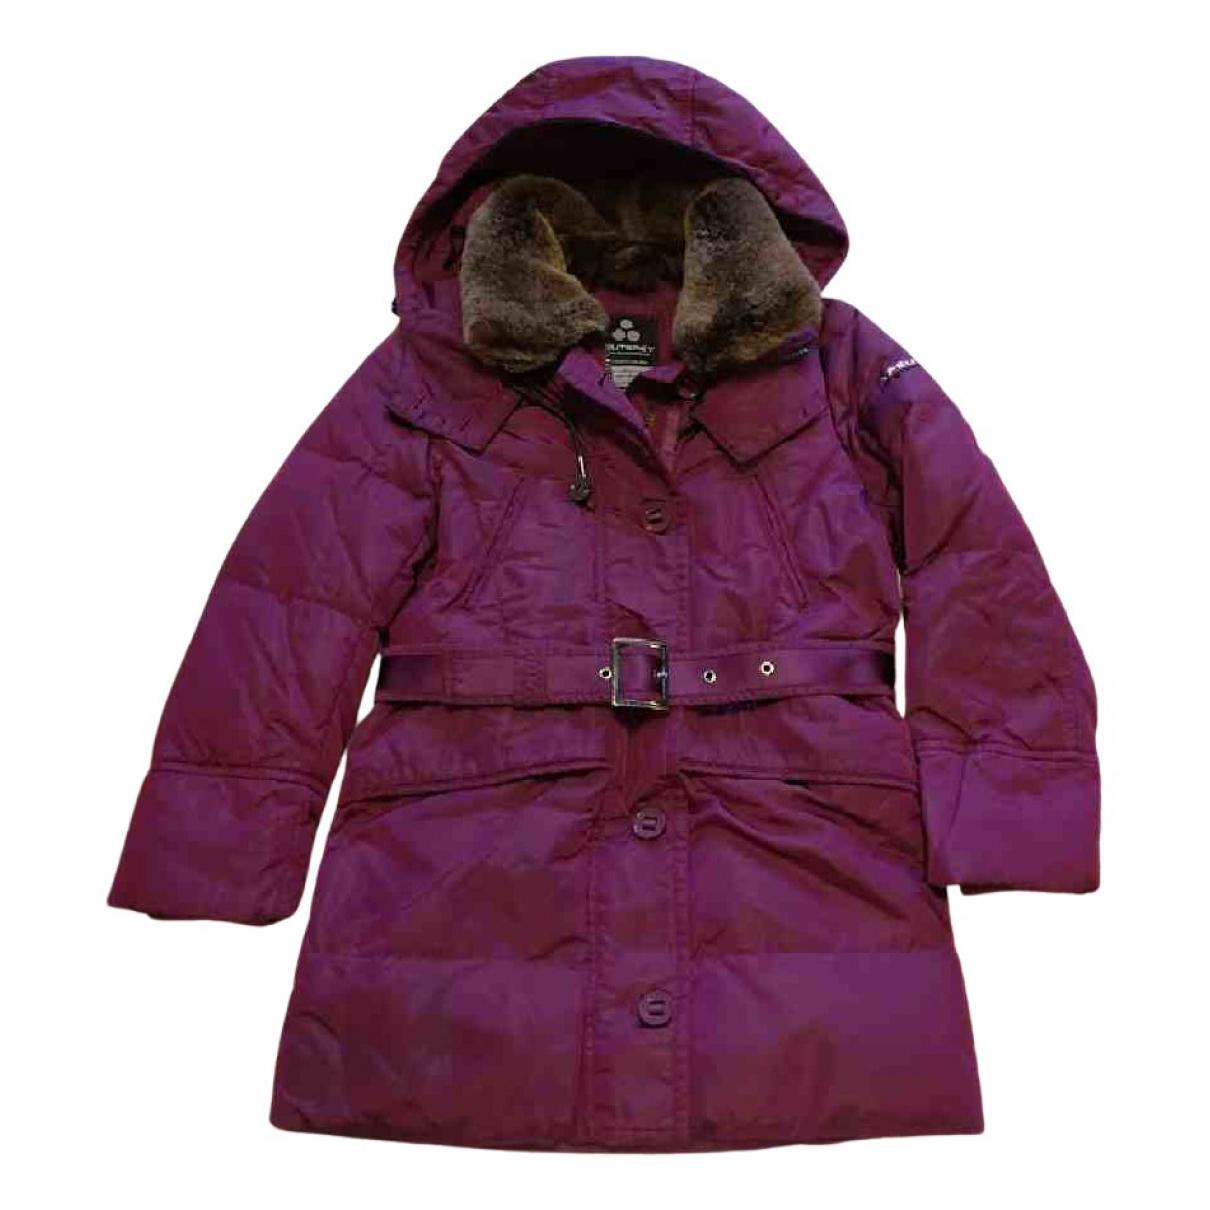 Peuterey - Blousons.Manteaux   pour enfant - violet